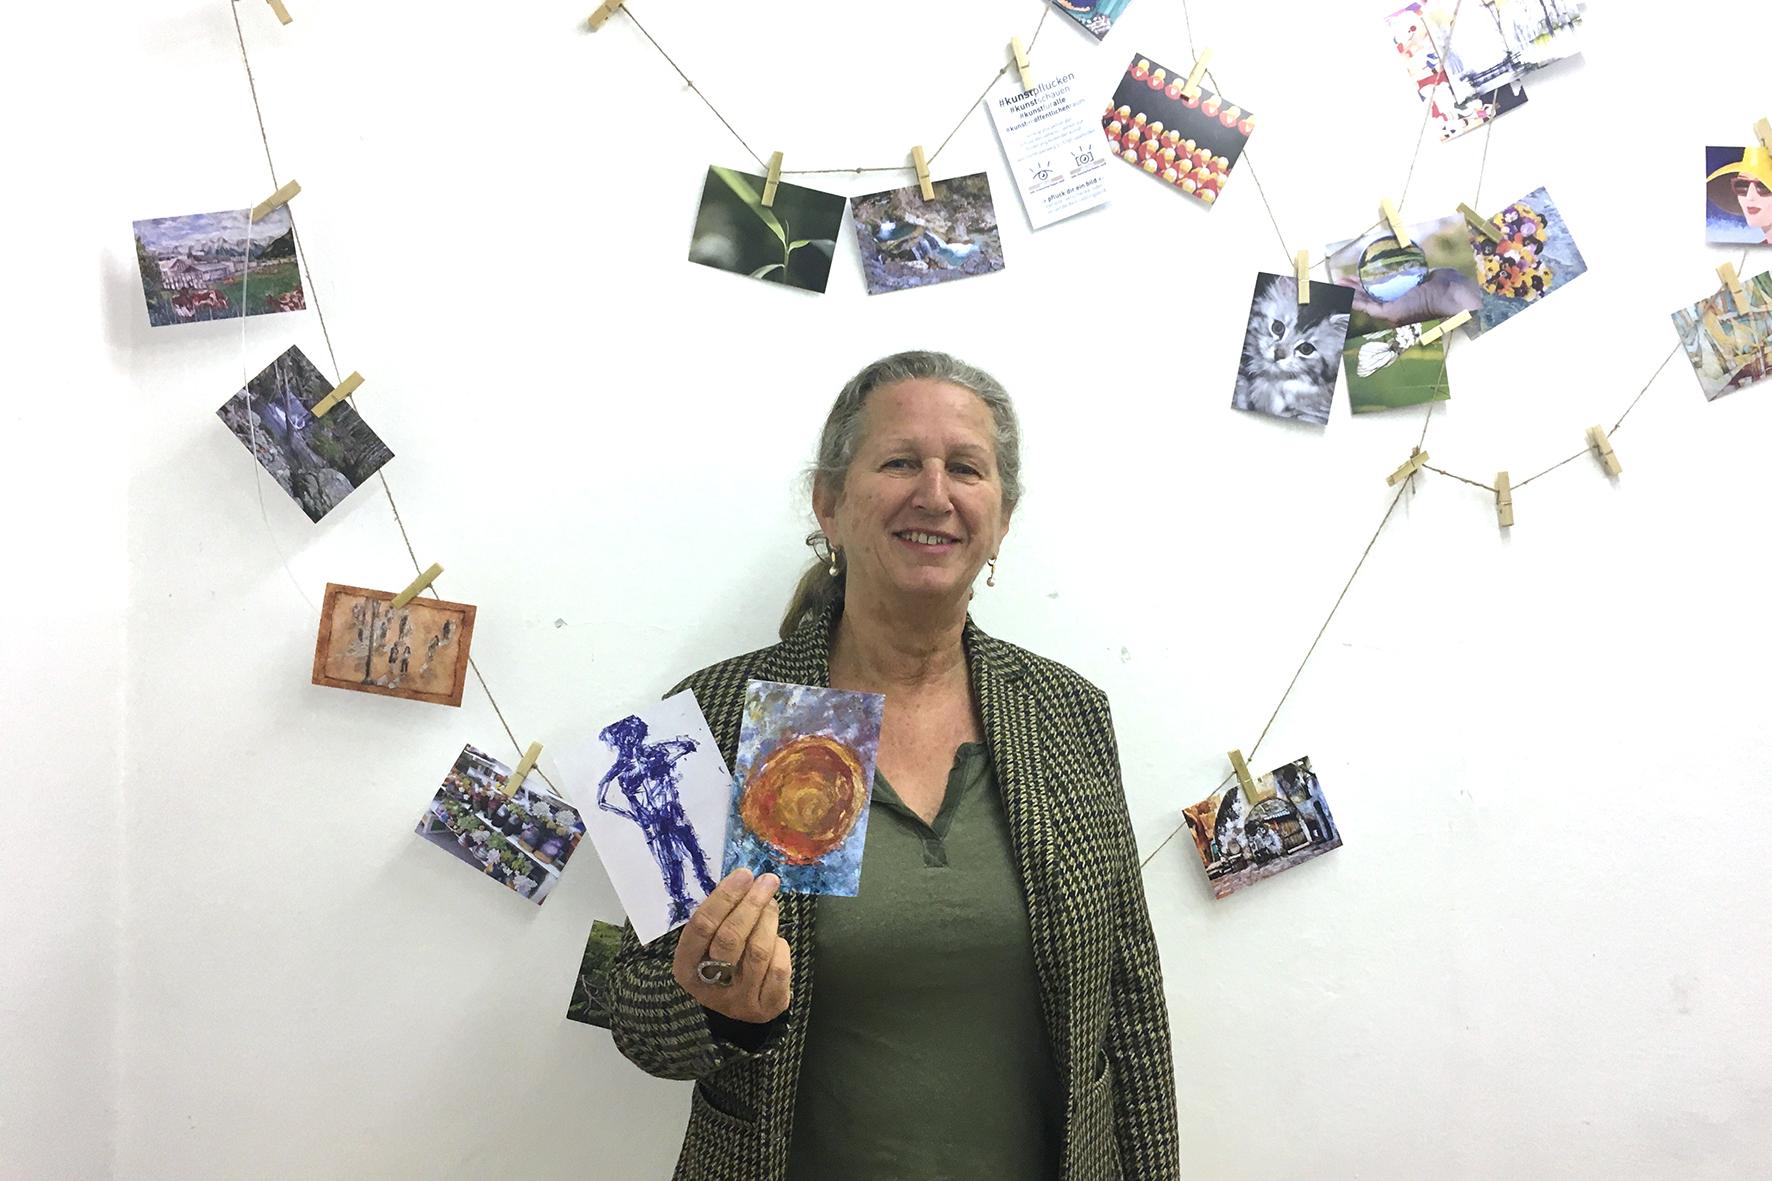 Elisabeth Schwaighofer